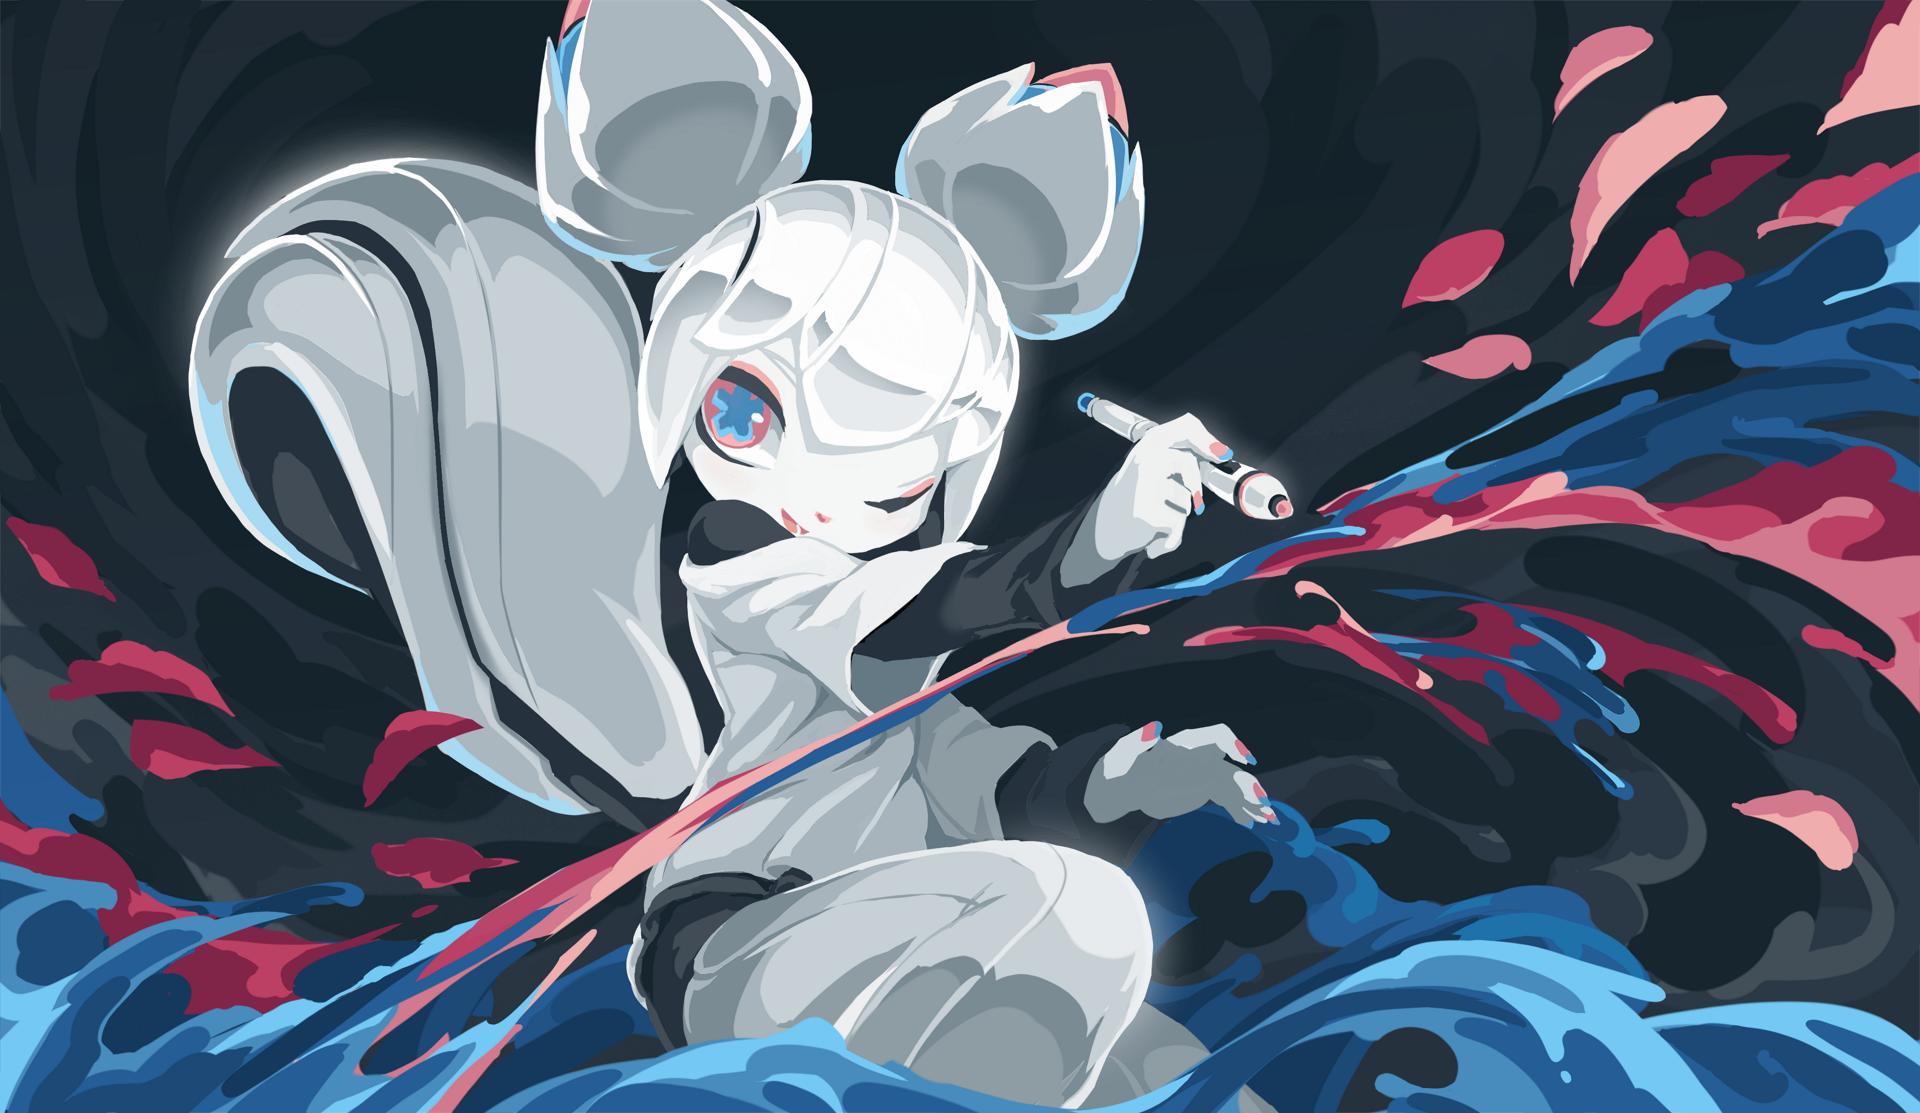 Chromatic Splash by TysonTan